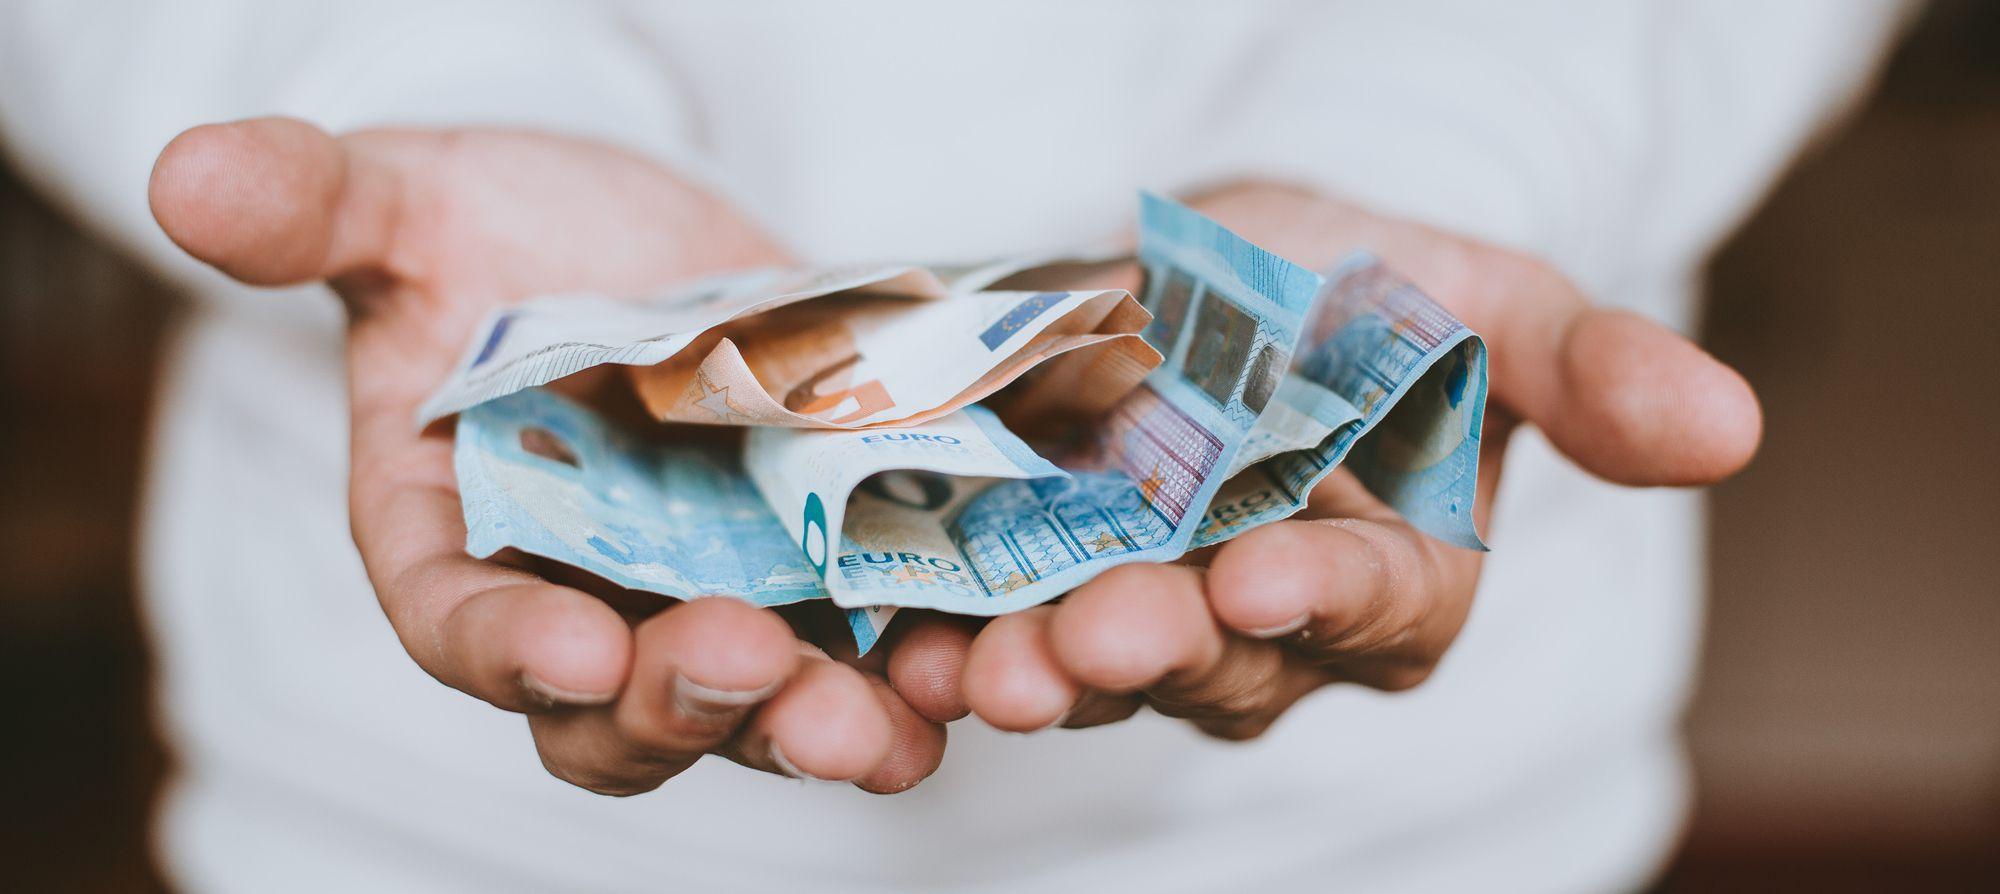 Vlamingen krijgen gemiddeld 37.000 euro van hun ouders om een eerste woning te kopen